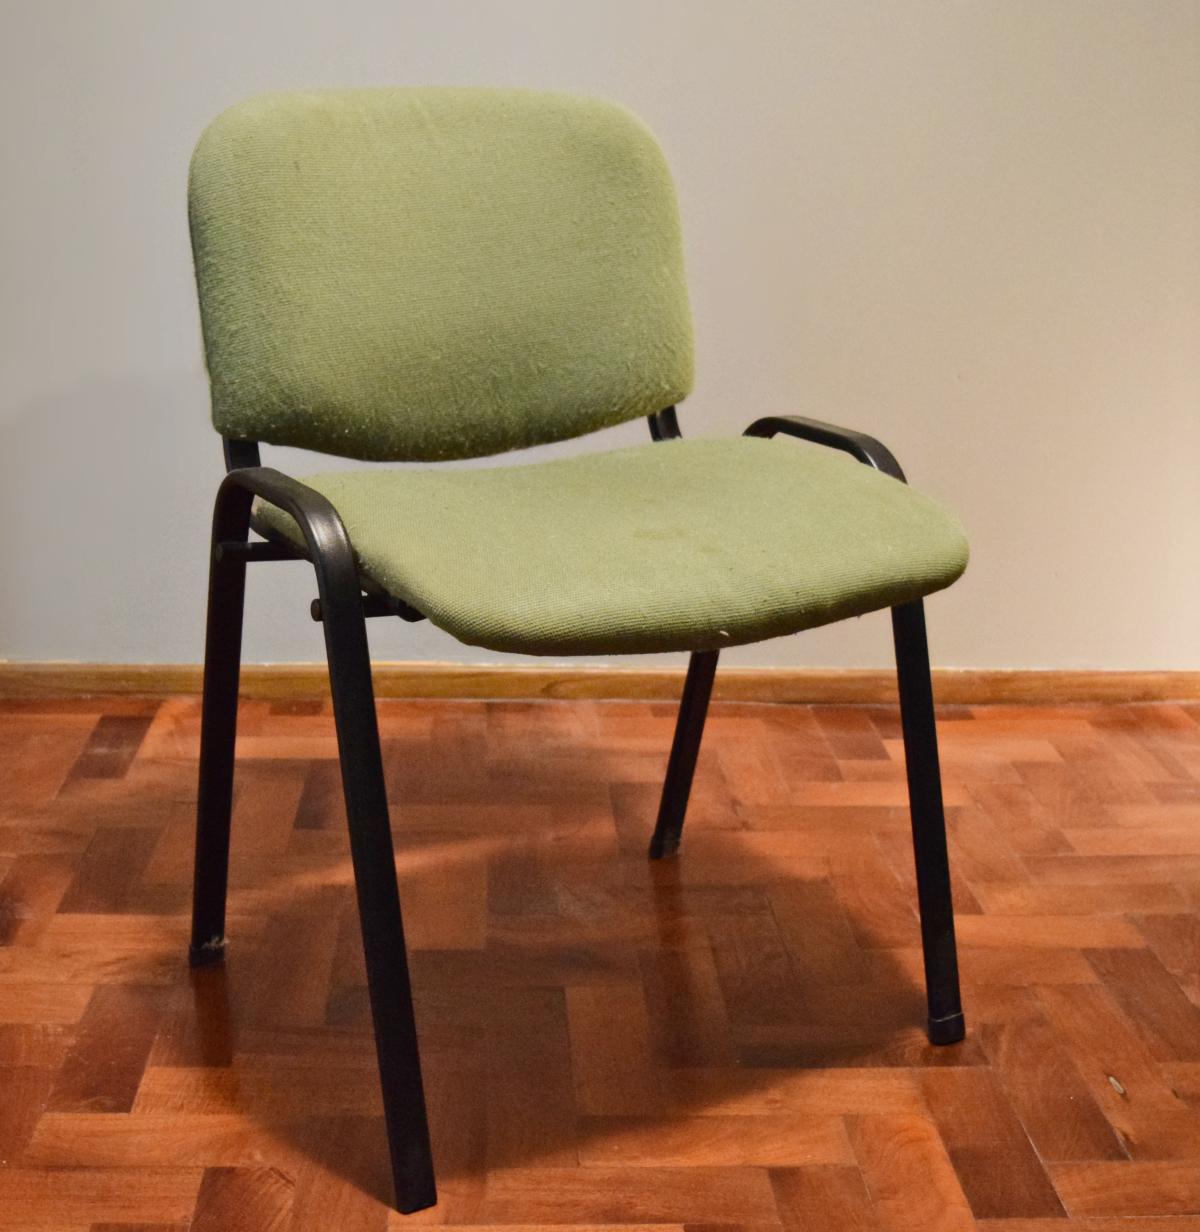 Muebles Bongiorno | Venta de muebles en Córdoba